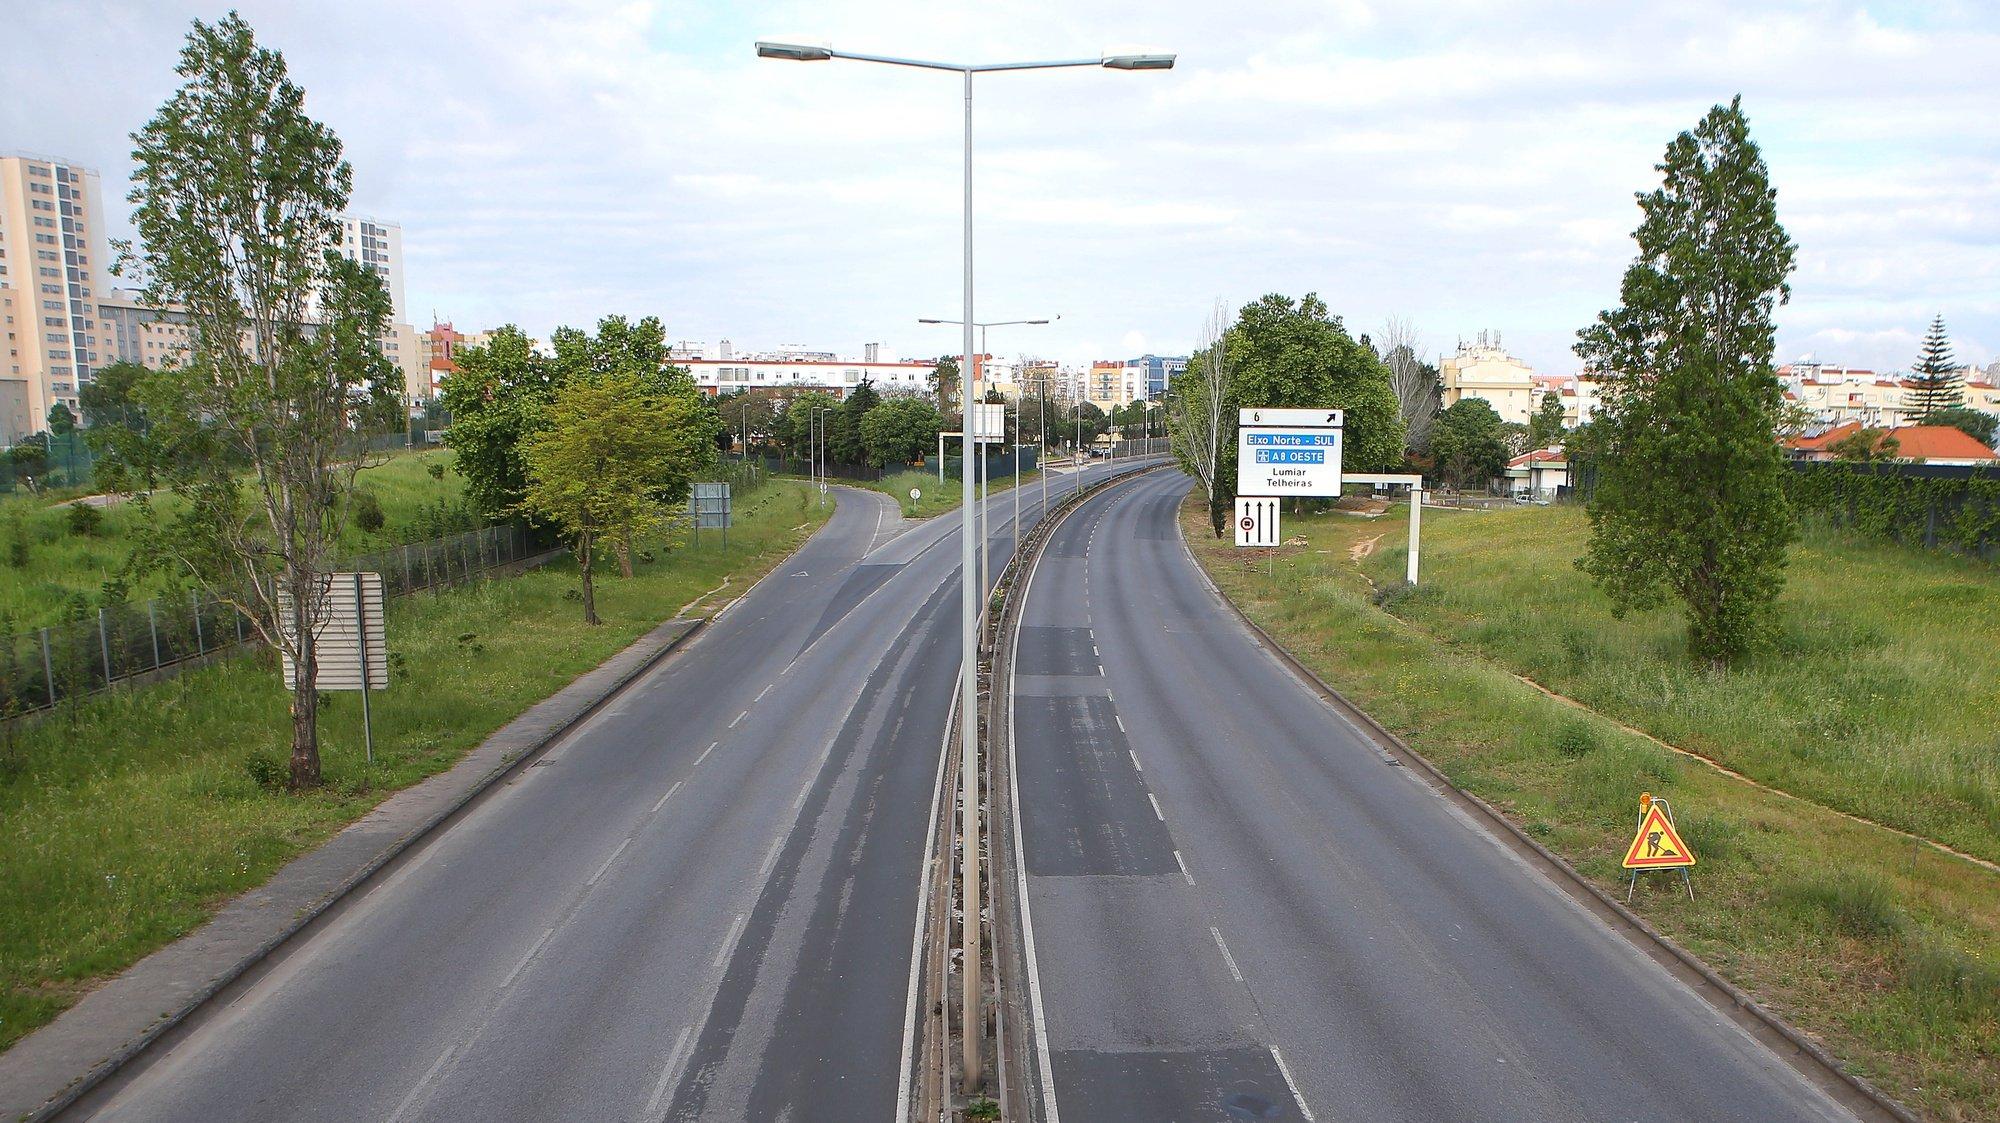 Vista geral da Segunda Circular - Avenida Marechal Craveiro Lopes, em Lisboa, 26 de abril de 2020. O terceiro estado de emergência, devido à pandemia de Covid-19, irá prolongar-se até dia 02 de maio, continuando limitada a circulação de pessoas e o confinamento obrigatório. ANTÓNIO PEDRO SANTOS/LUSA